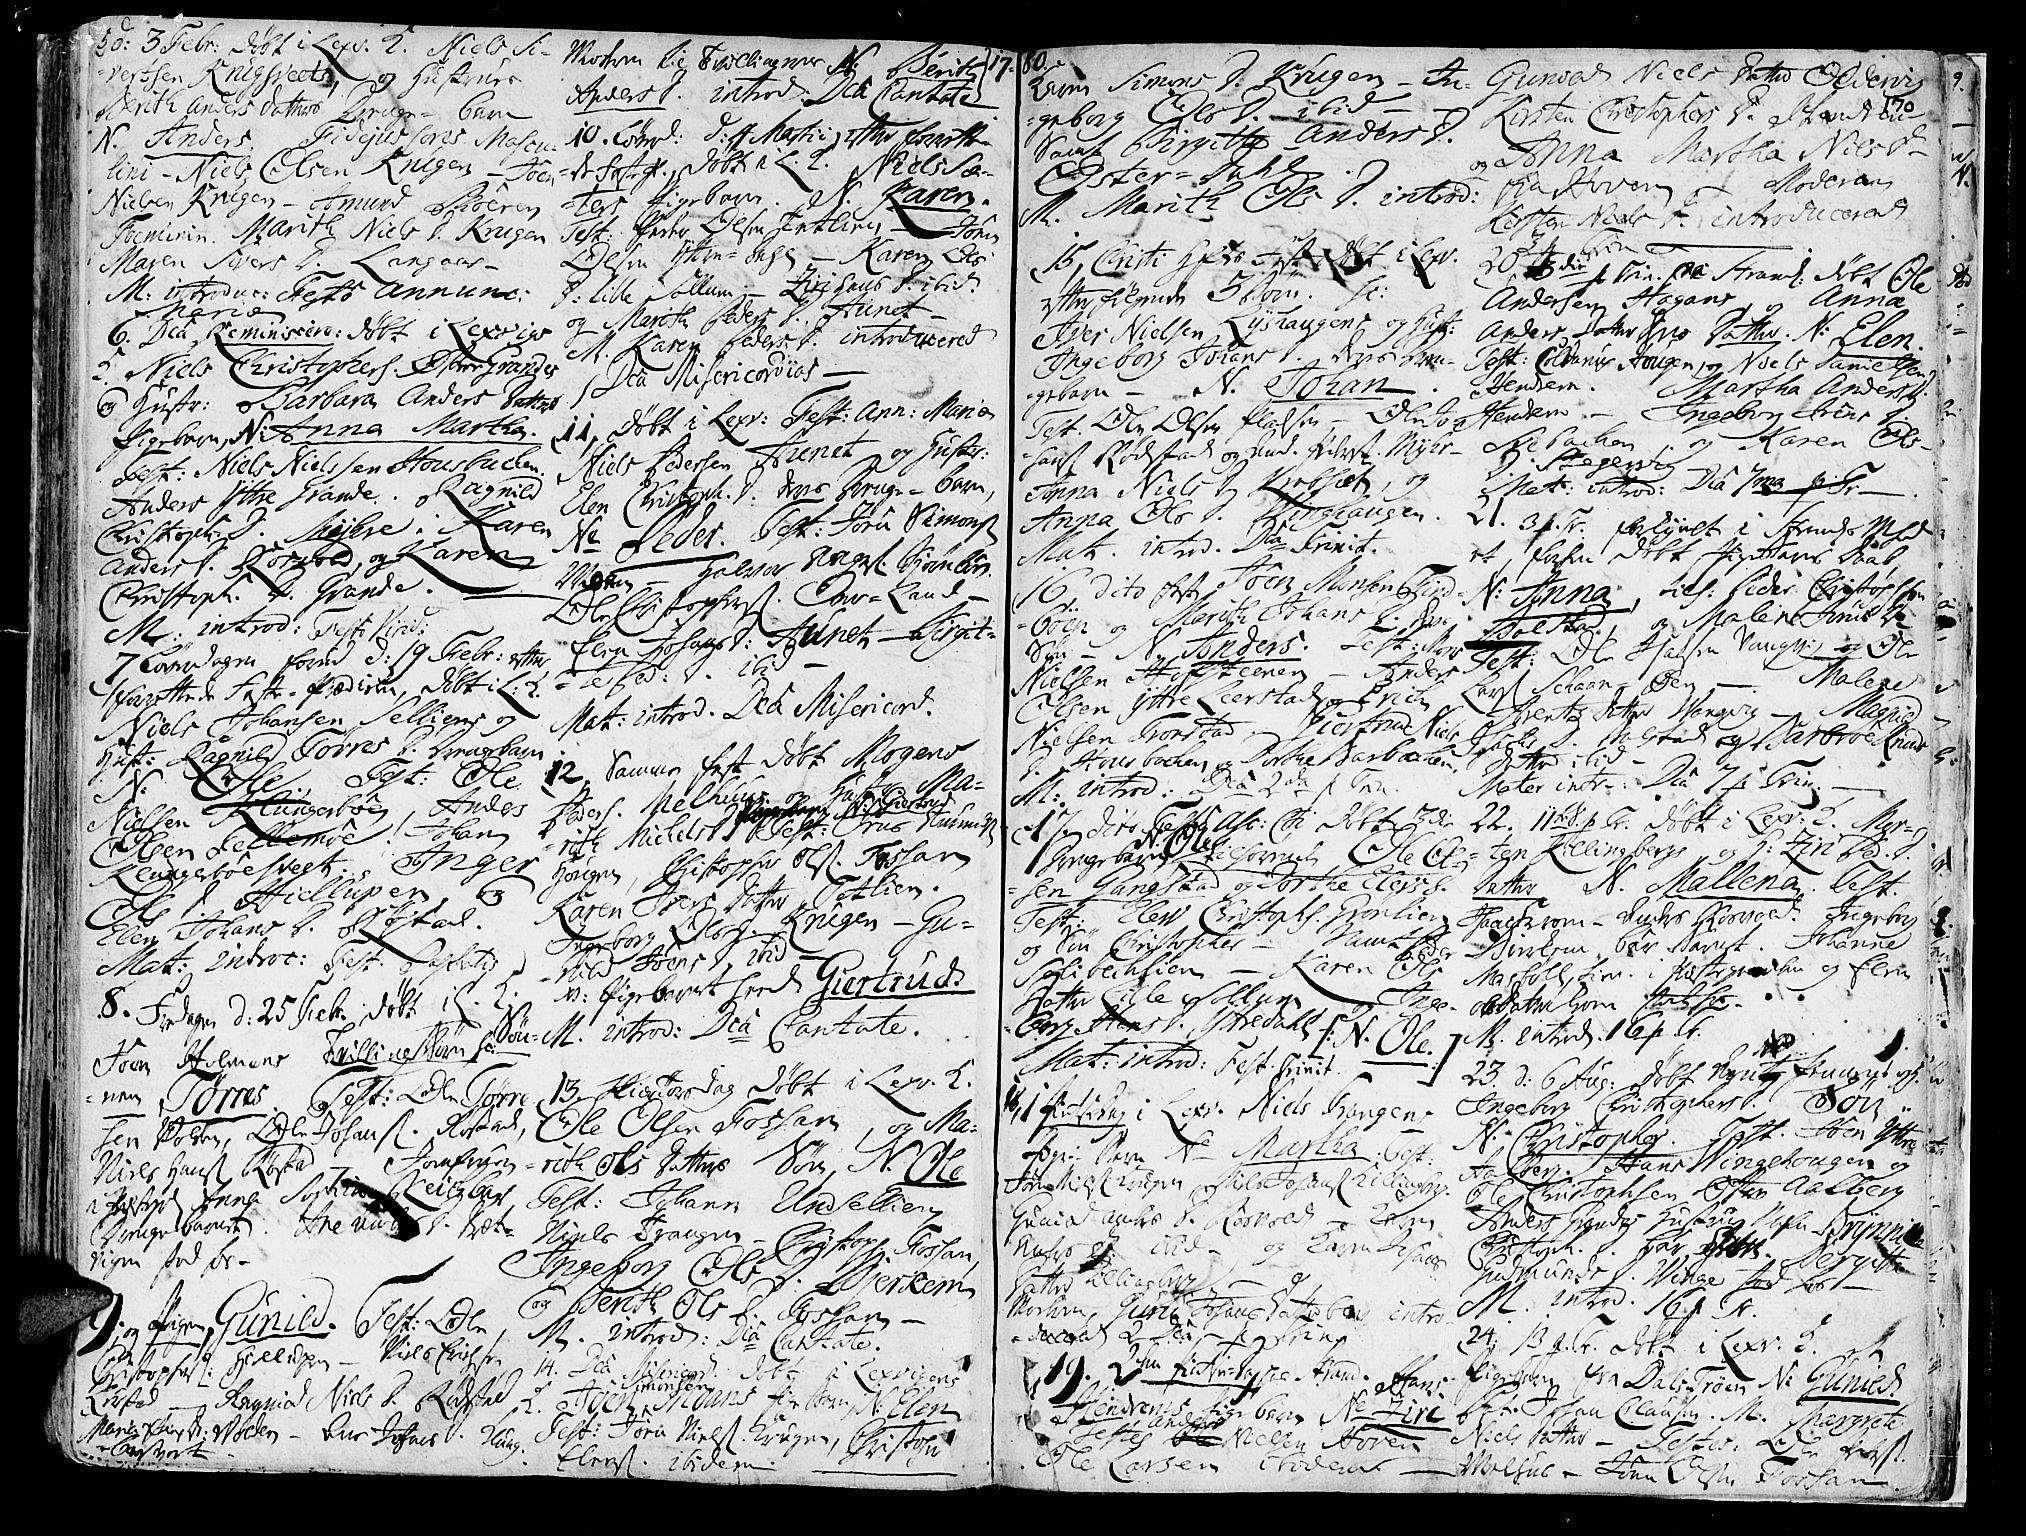 SAT, Ministerialprotokoller, klokkerbøker og fødselsregistre - Nord-Trøndelag, 701/L0003: Ministerialbok nr. 701A03, 1751-1783, s. 170